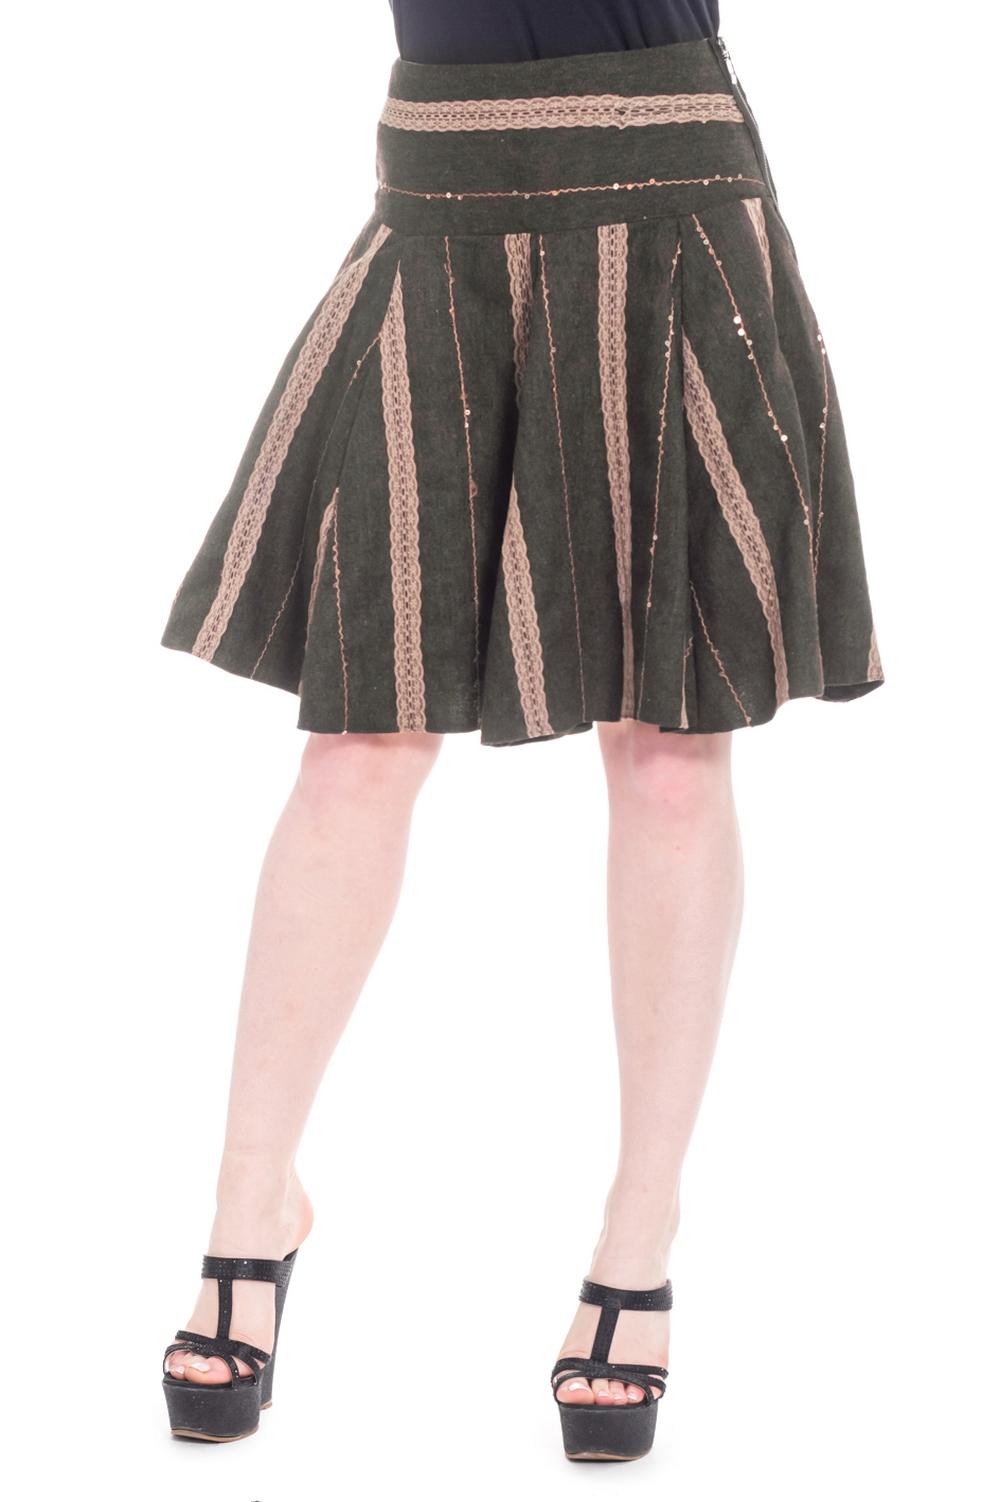 ЮбкаЮбки<br>Очаровательная женская юбка с застежкой - молния. Подклад.  Цвет: бежевый, коричневый.  Рост девушки-фотомодели 170 см.<br><br>По образу: Город,Офис,Свидание<br>По стилю: Офисный стиль,Повседневный стиль,Кэжуал<br>По материалу: Тканевые,Костюмные ткани<br>По рисунку: В полоску,Цветные<br>По сезону: Осень,Всесезон,Весна,Зима,Лето<br>По силуэту: Приталенные,Свободные<br>По элементам: С отделочной фурнитурой,С декором,С молнией<br>По форме: Юбка-солнце<br>По длине: До колена<br>Размер: 44,46,48<br>Материал: 70% вискоза 25% шерсть 5% район<br>Количество в наличии: 3